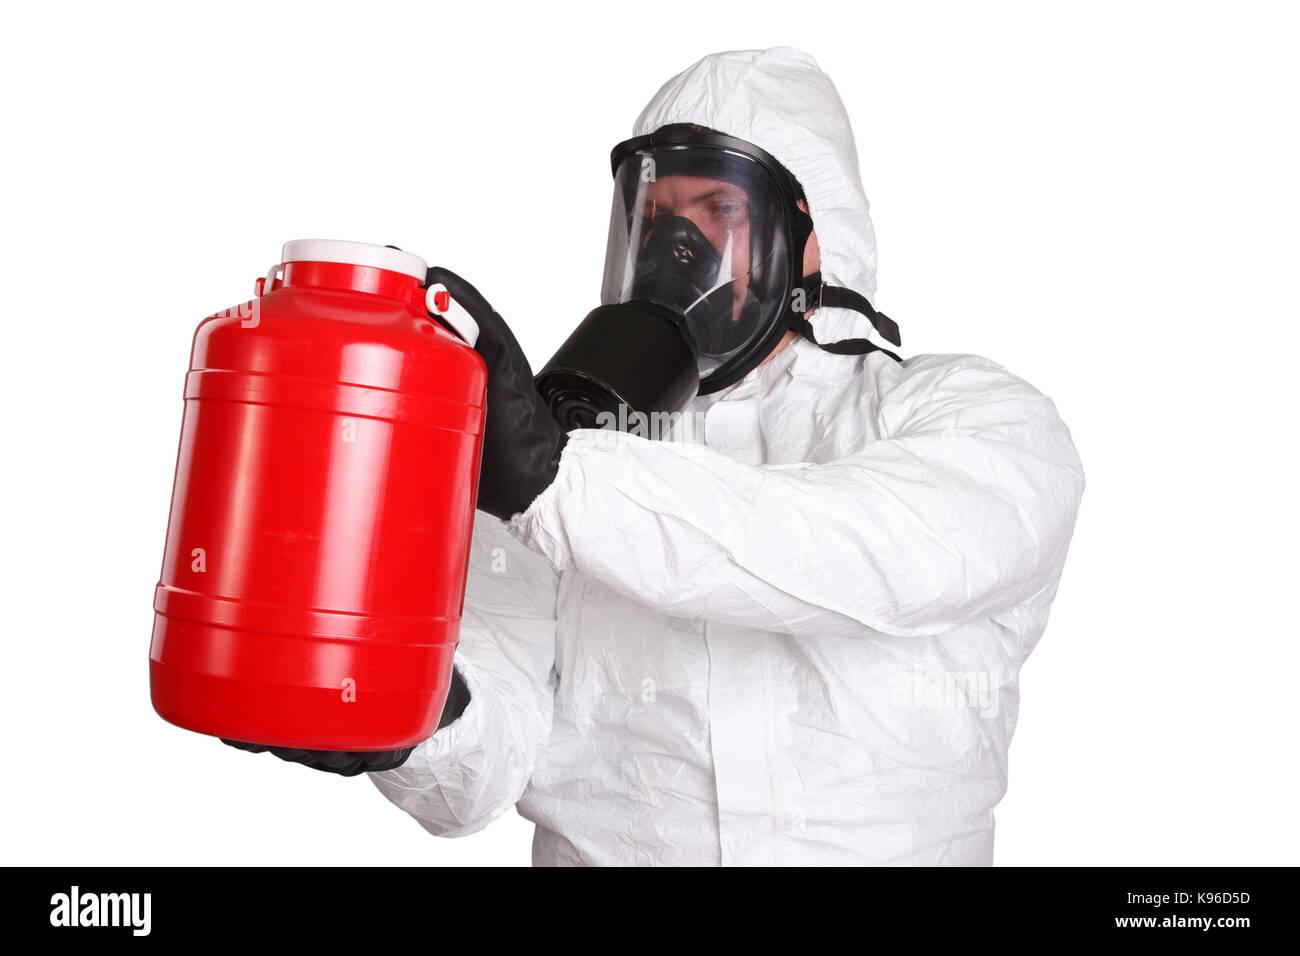 El hombre en traje de materiales peligrosos aislado en blanco Foto de stock